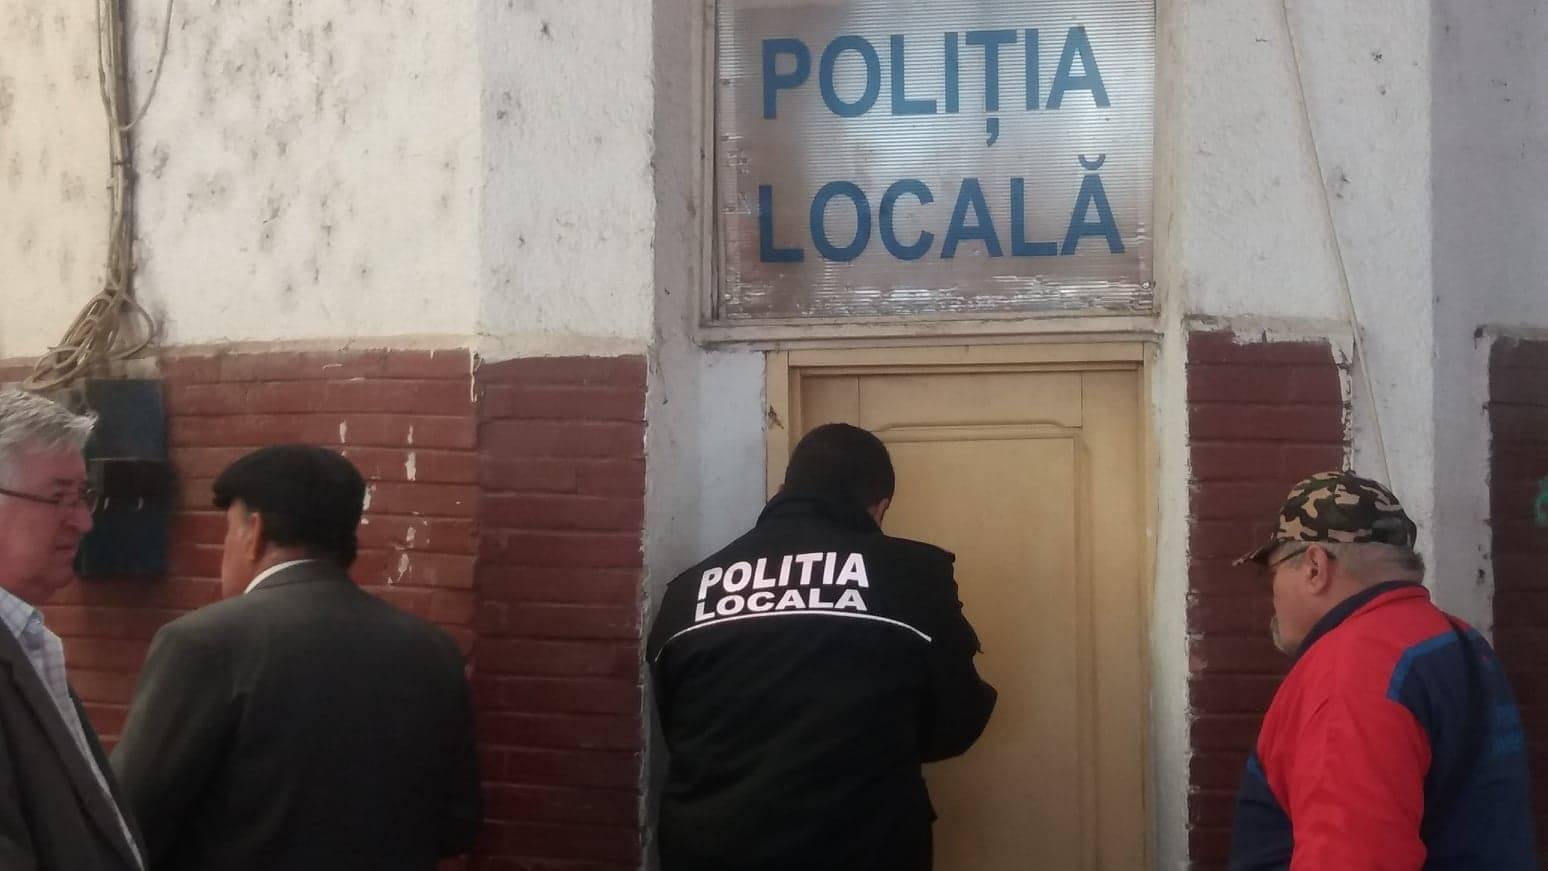 Bârlogul Poliţiei Locale din Alexandria a rămas fără…poartă. Un cetăţean turmentat şi-a vărsat oful pe uşă